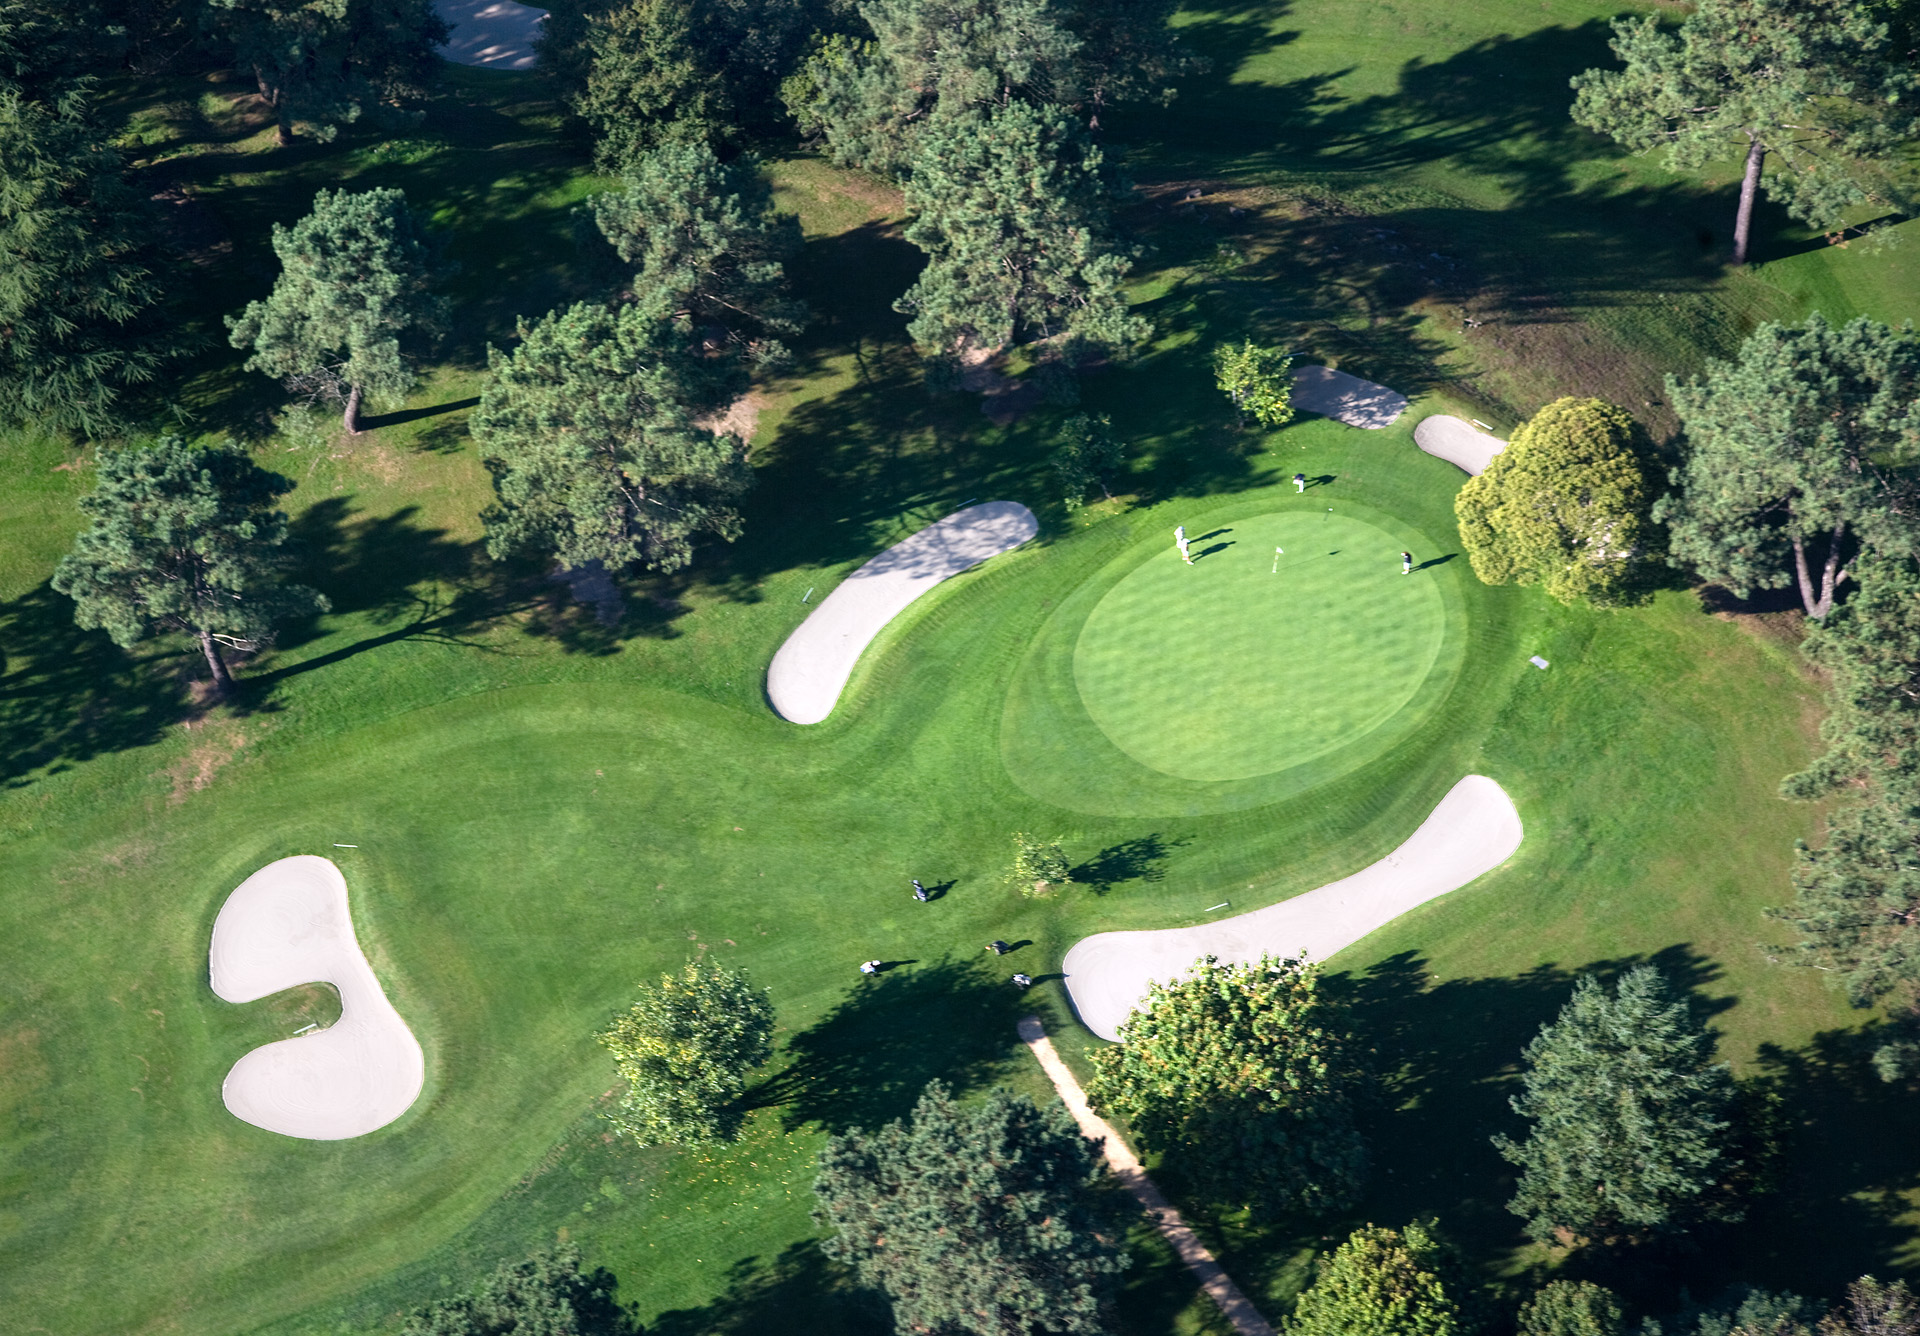 cd87ad0eea5ae 4 noches Hotel con Encanto + 3 Grenfees de Golf en campos diferentes a  elegir ...